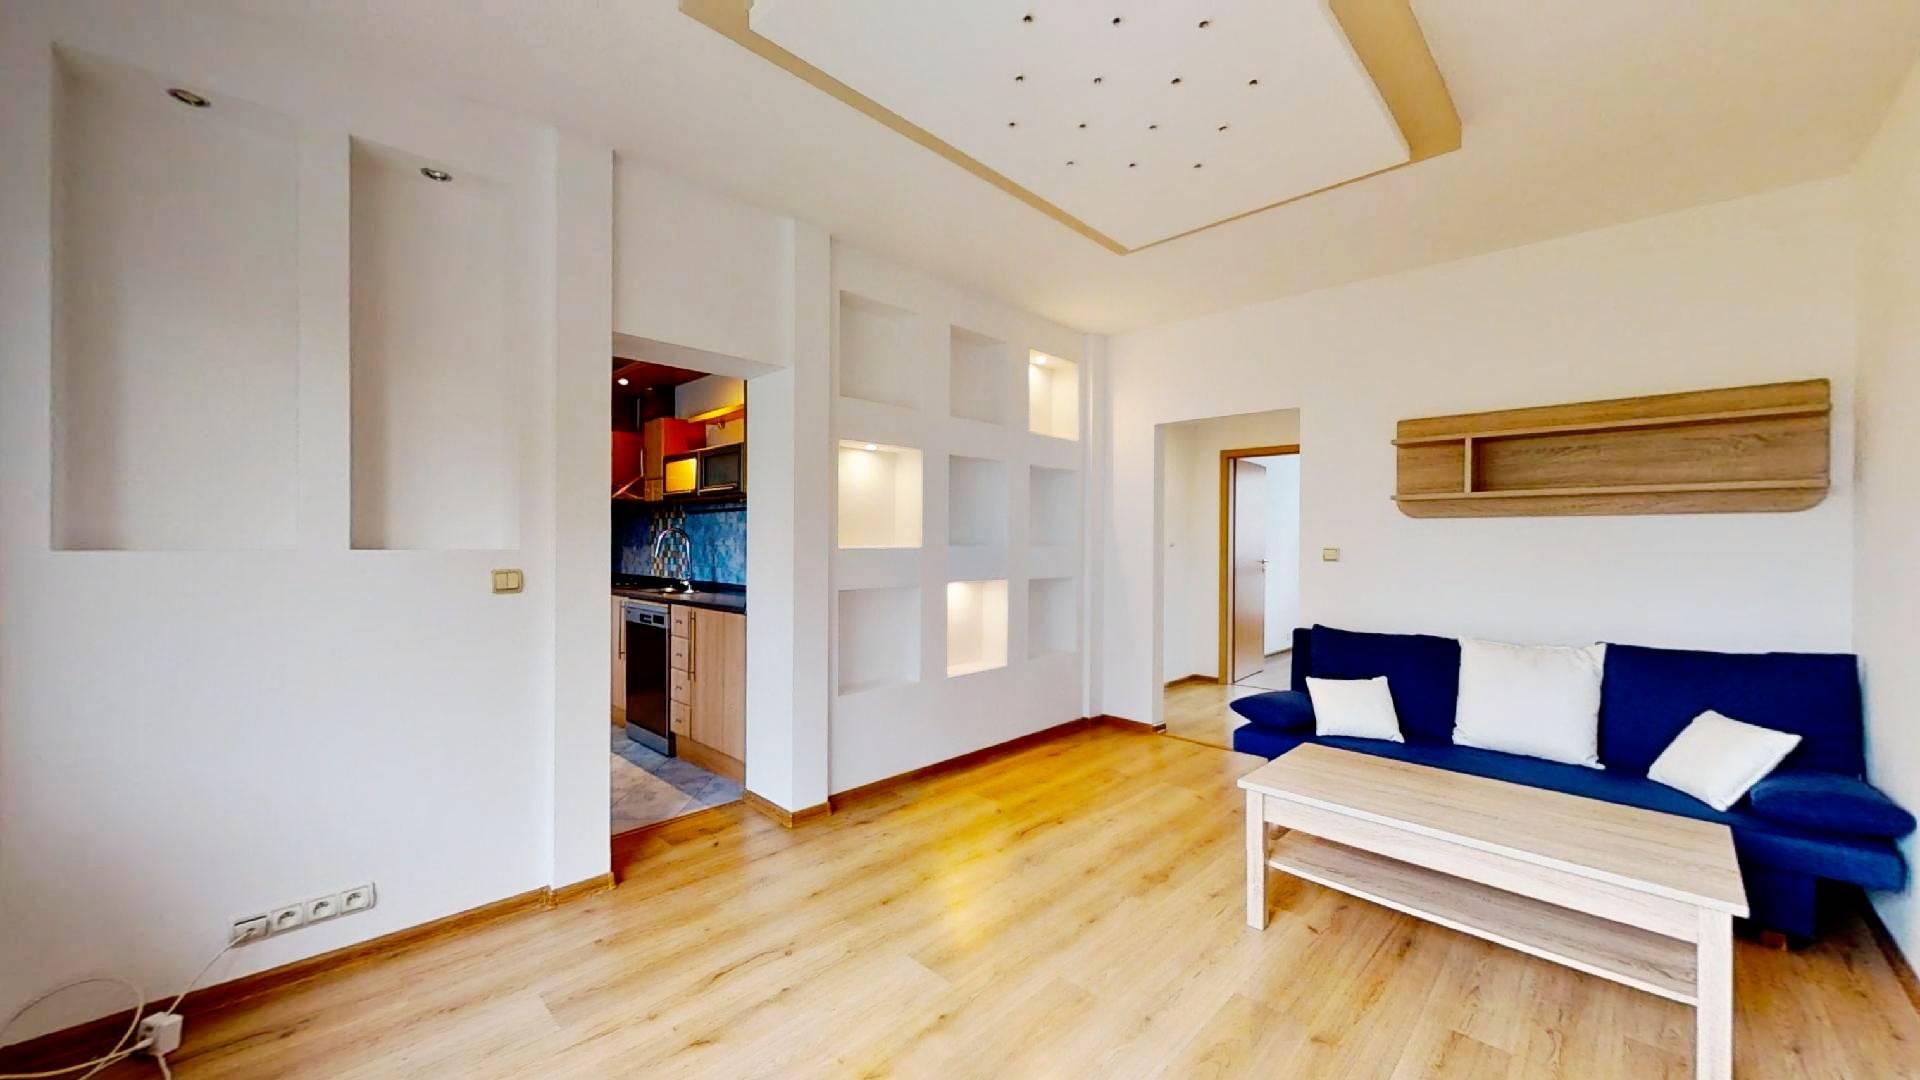 REZERVOVANÉ - Na predaj 3 izbový byt v Žiline, časť - Vlčince III Trnavská